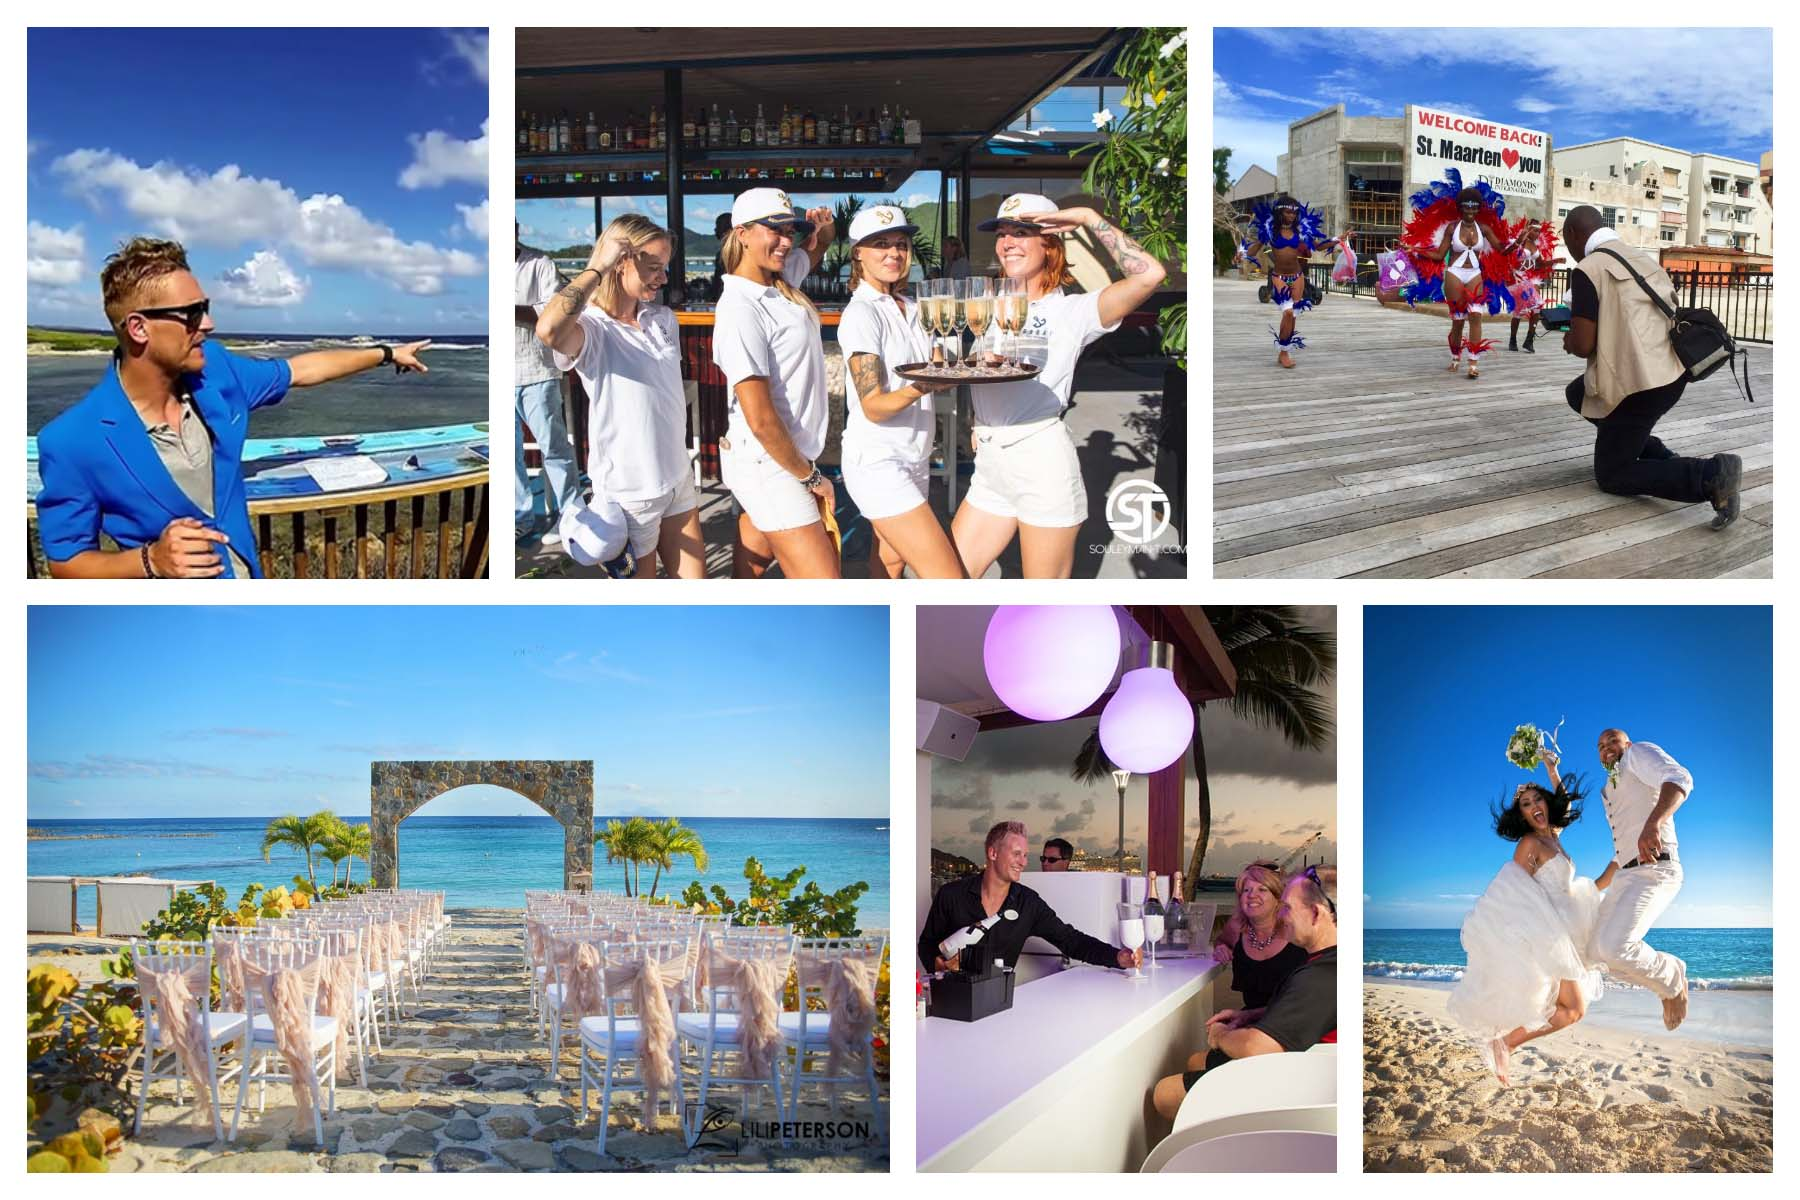 Private services St. Maarten/St. Martin-Chef-Bartender-Waiter-Chauffeur-Massage-2019/2020